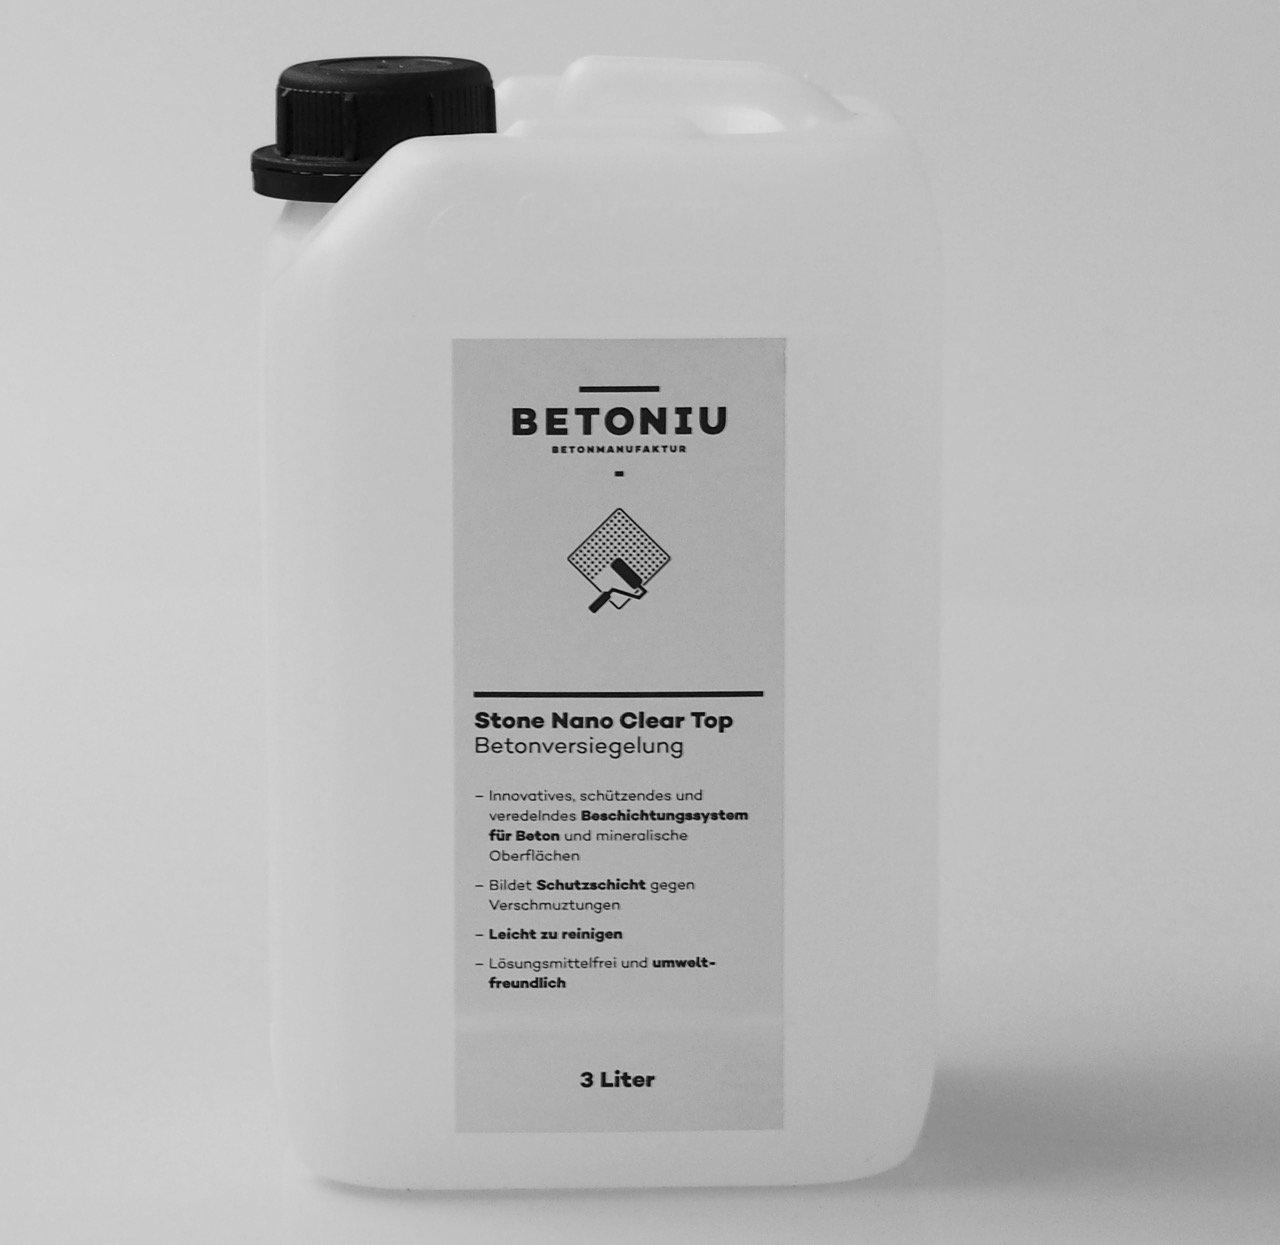 Betoniu Stone Nano-Clear Top – Betonversiegelung, Betonschutz (3 Liter)